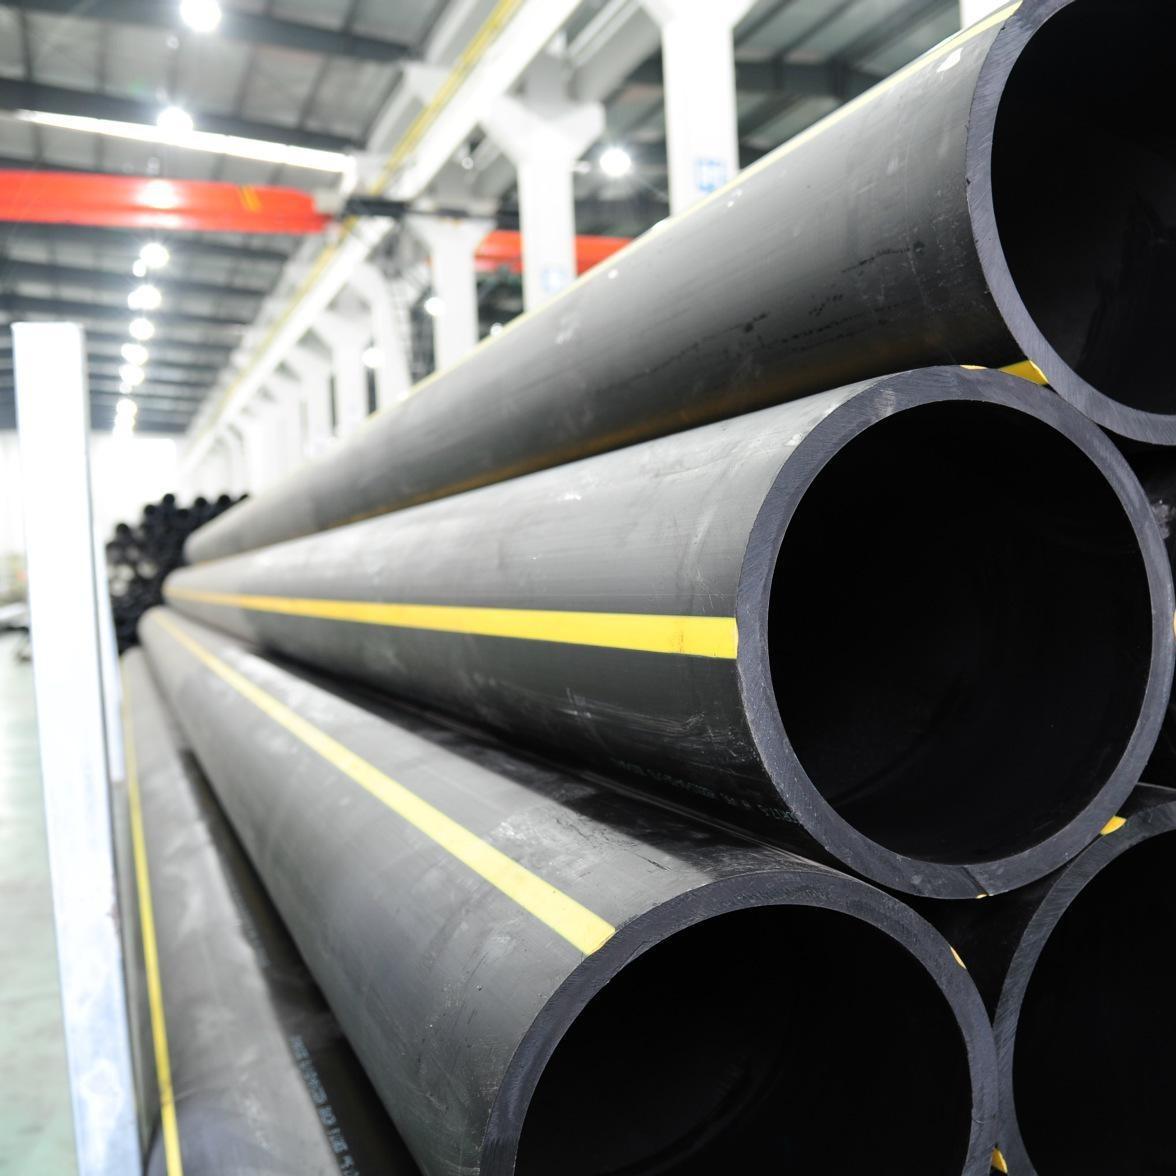 四川 pe管pe管450价格 pe管厂家 pe管材焊接方法pe管价格 pe管材厂家